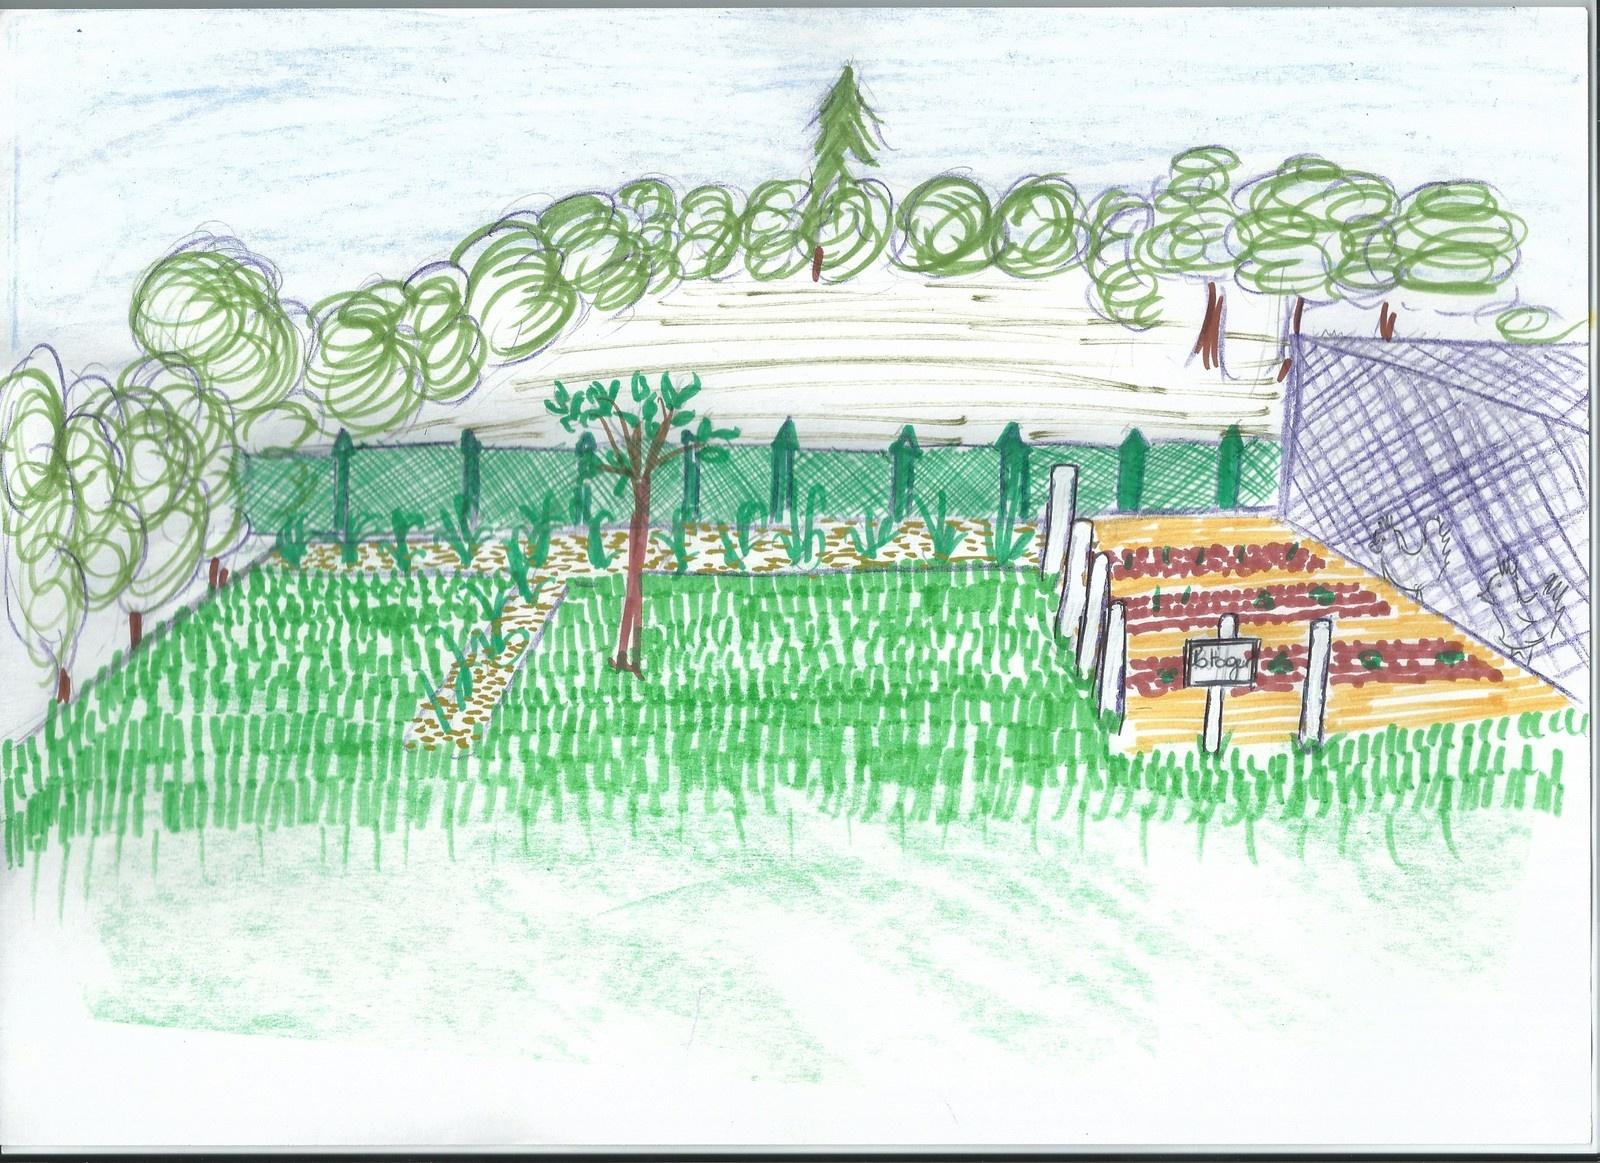 Idée Jardin : Délimitation Du Potager - Ma Maison Vivre Ici intérieur Delimitation Jardin